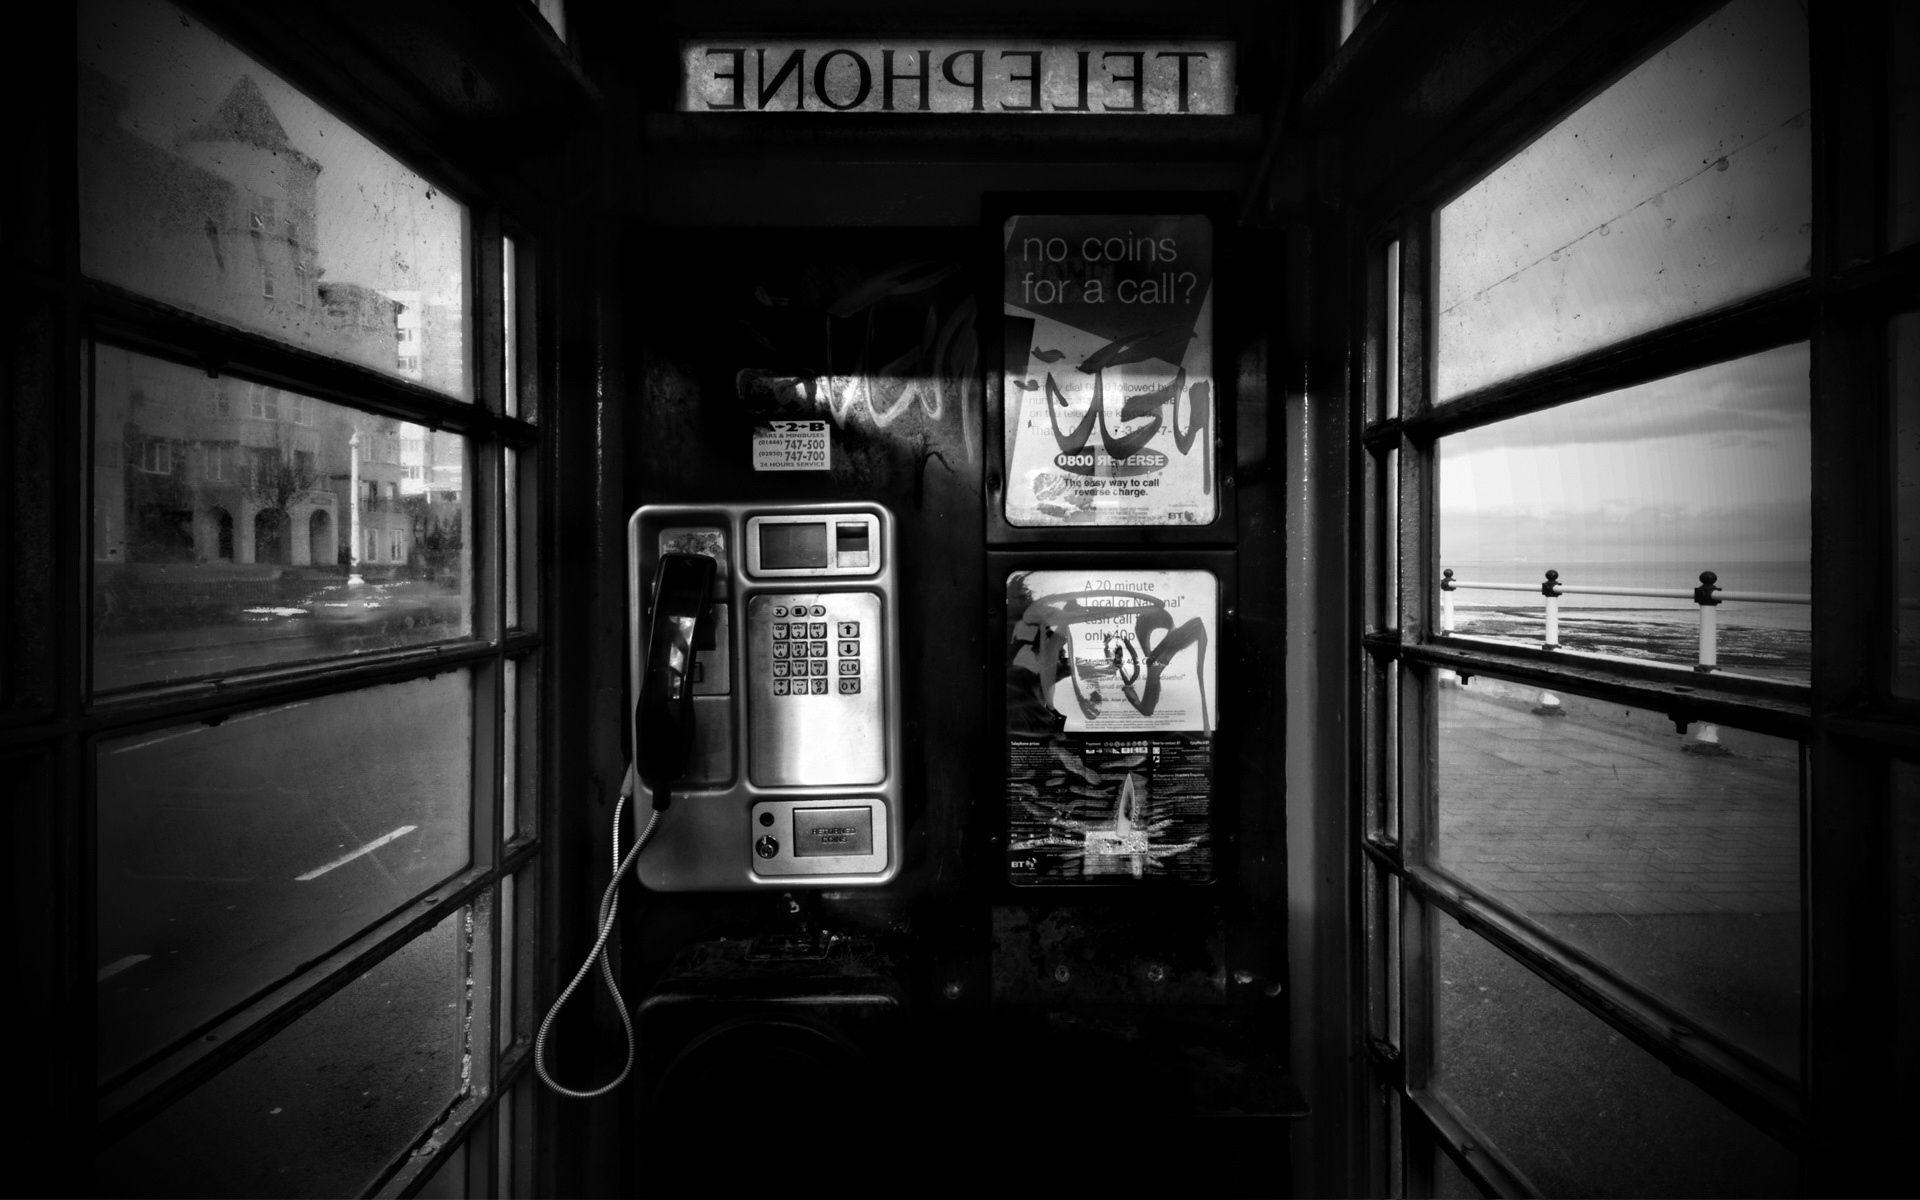 59781 Lade kostenlos Schwarz Hintergrundbilder für dein Handy herunter, Stadt, Bw, Chb, Telefon, Stand Schwarz Bilder und Bildschirmschoner für dein Handy